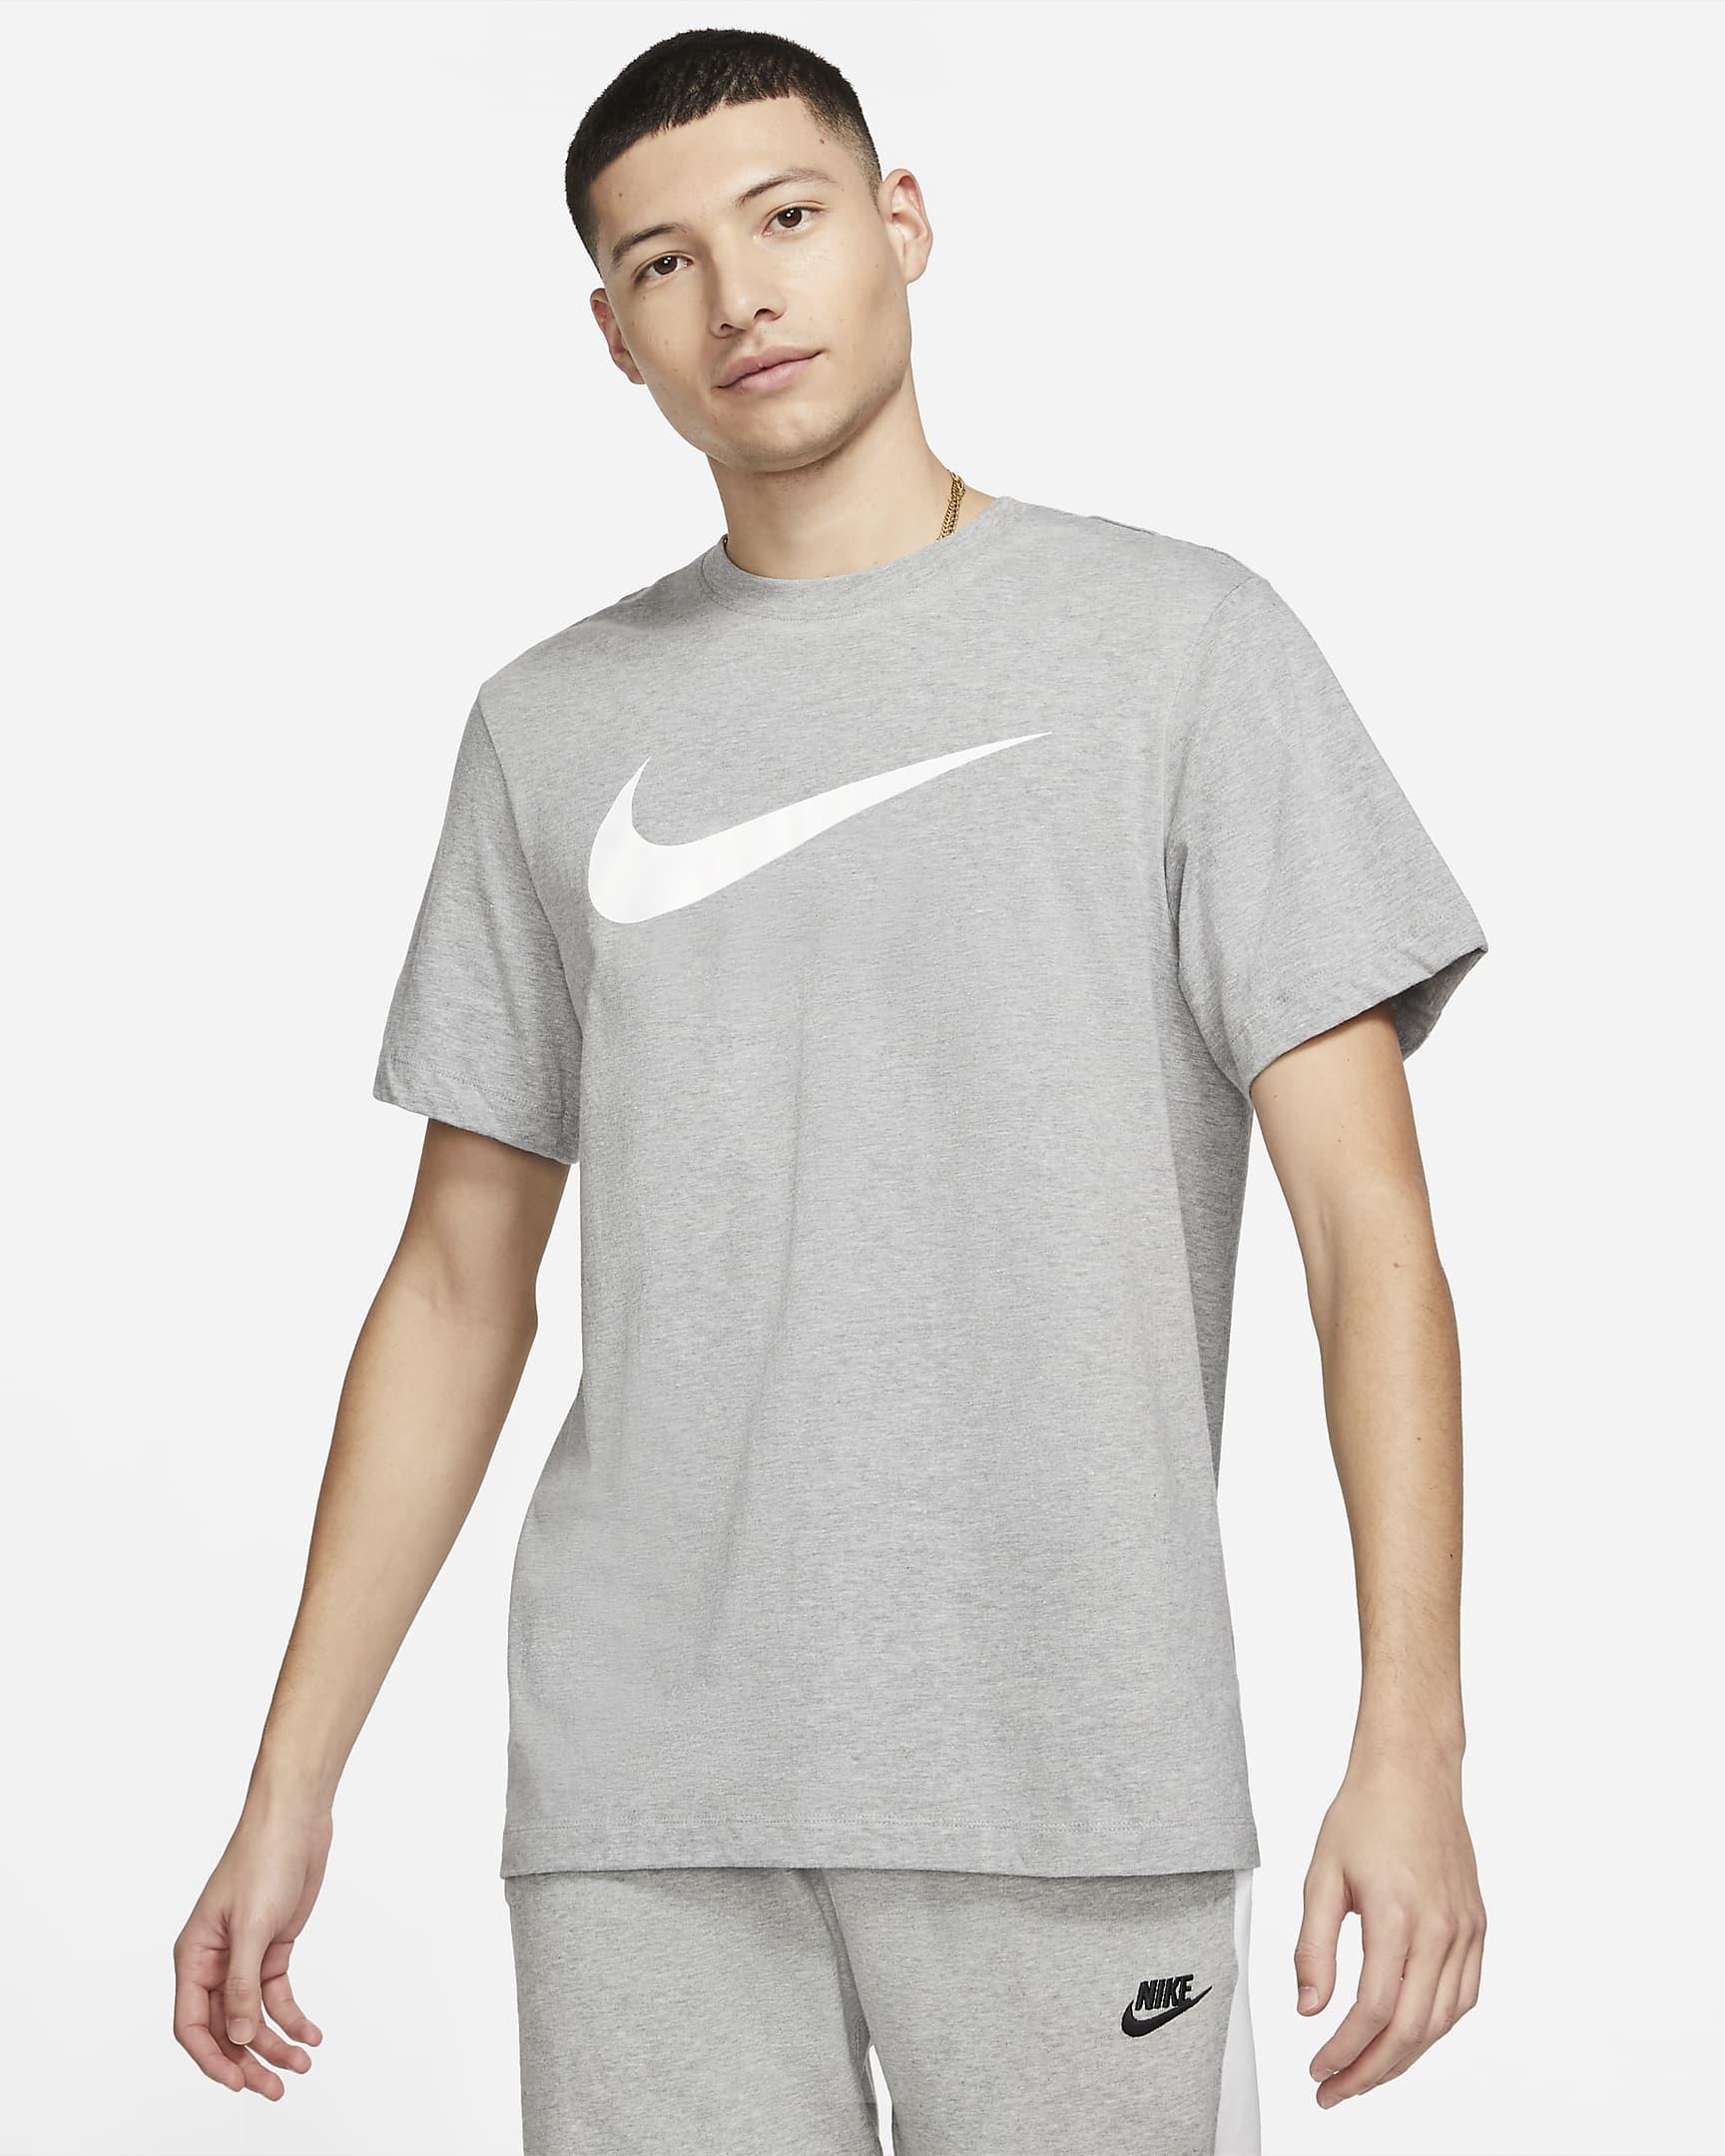 sportswear-swoosh-mens-t-shirt-LzncrX